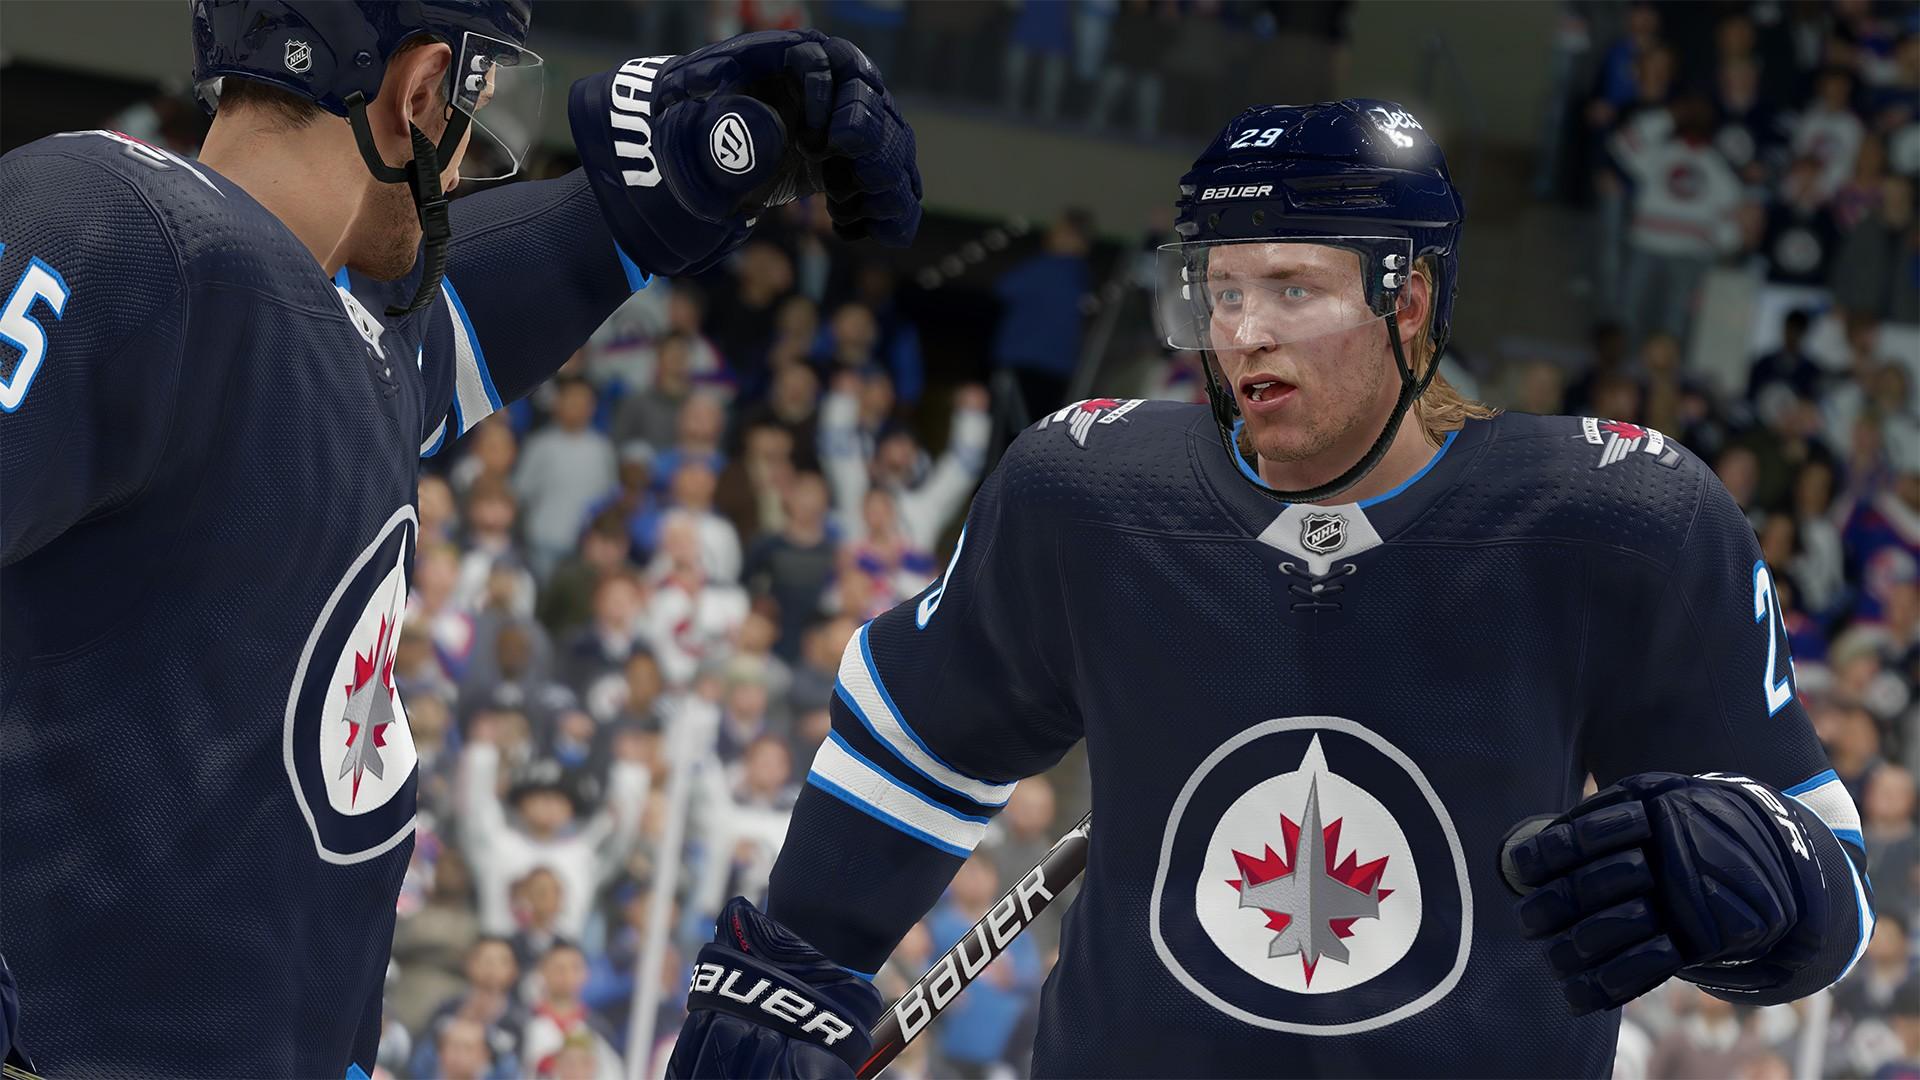 Suomalainen jääkiekkoilija Patrik Laine on uuden NHL 19 -pelin kannessa